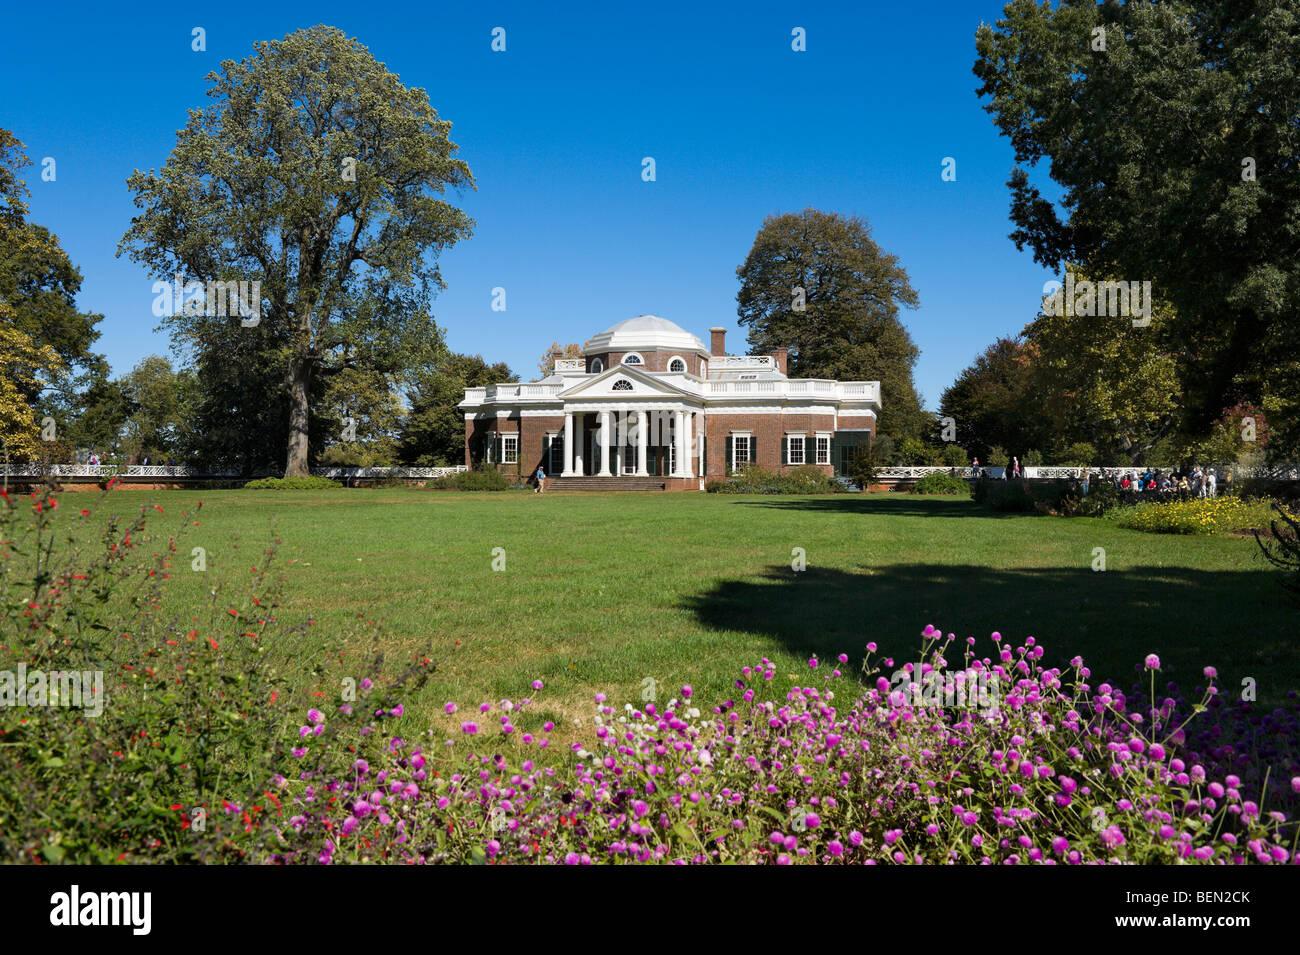 La casa di Thomas Jefferson, Monticello, Charlottesville, Virginia, Stati Uniti d'America Immagini Stock